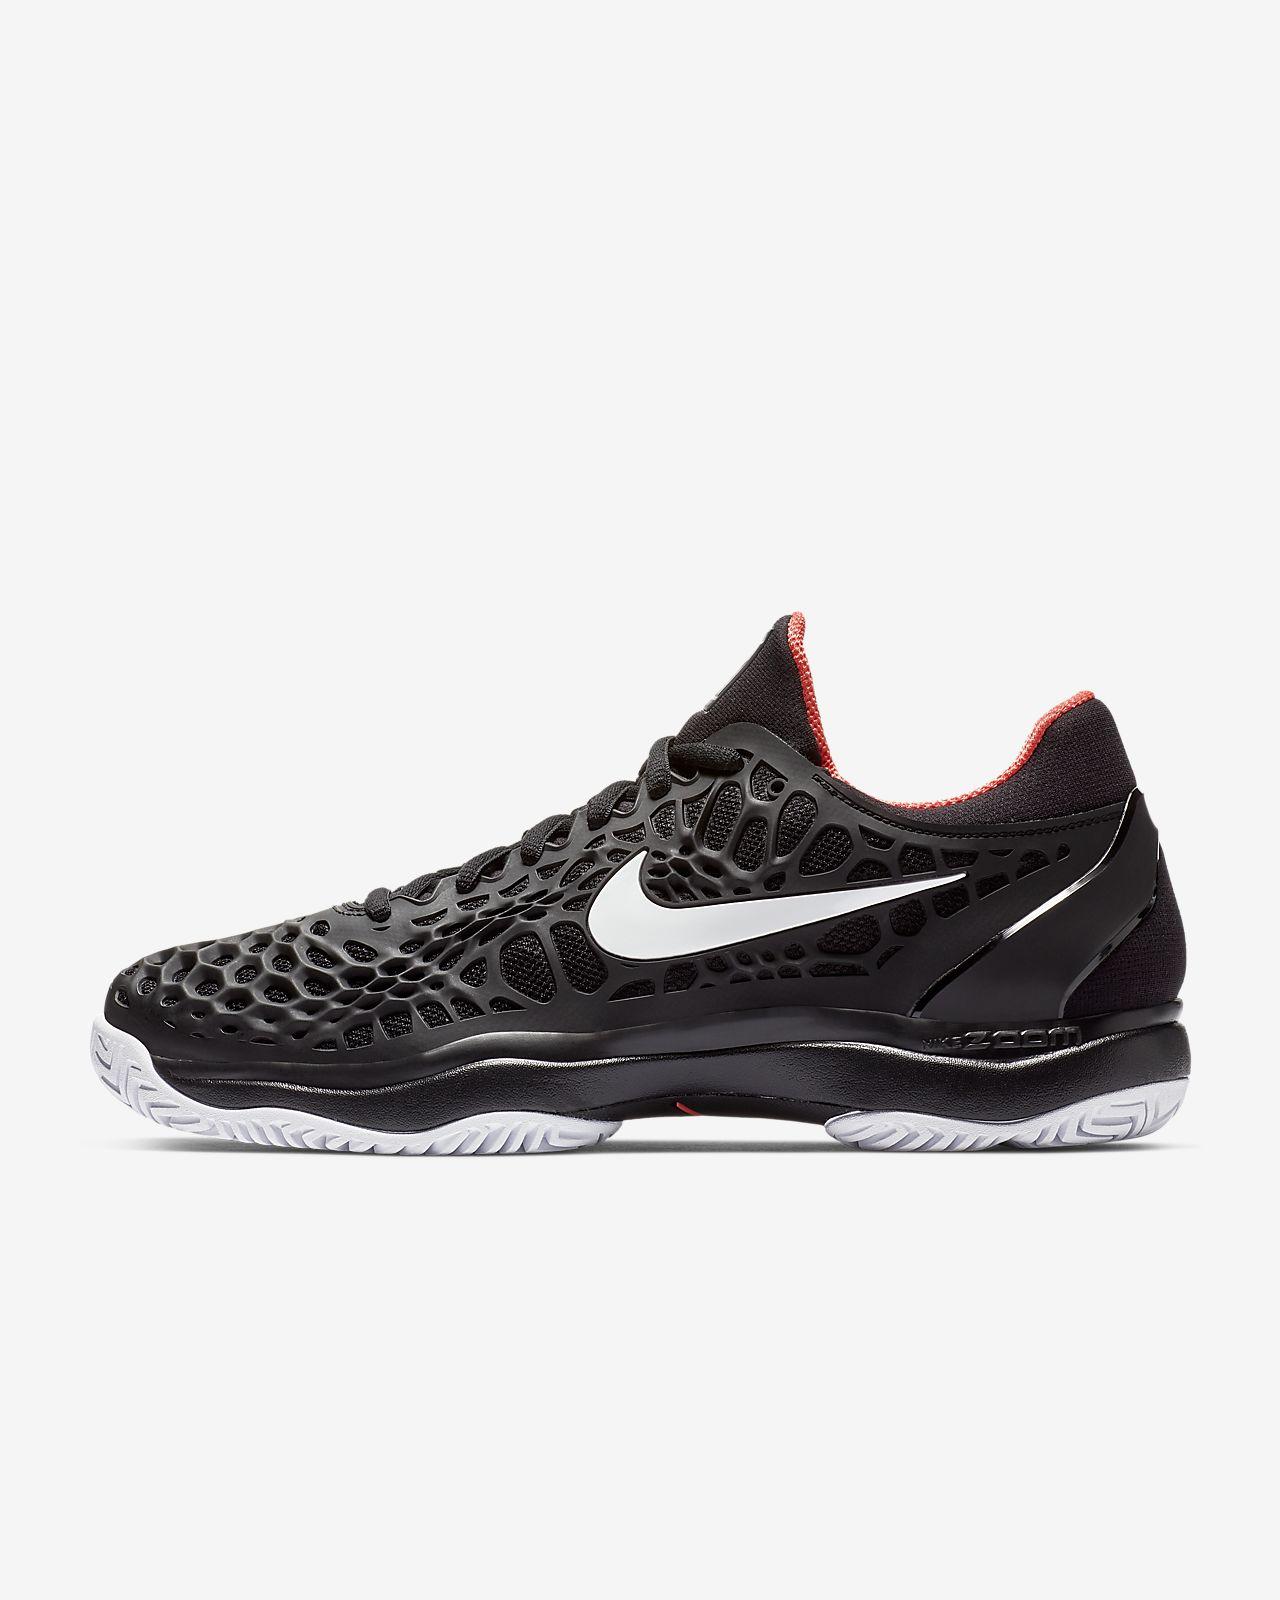 check out 808c9 b25d9 Men s Hard Court Tennis Shoe. NikeCourt Zoom Cage 3